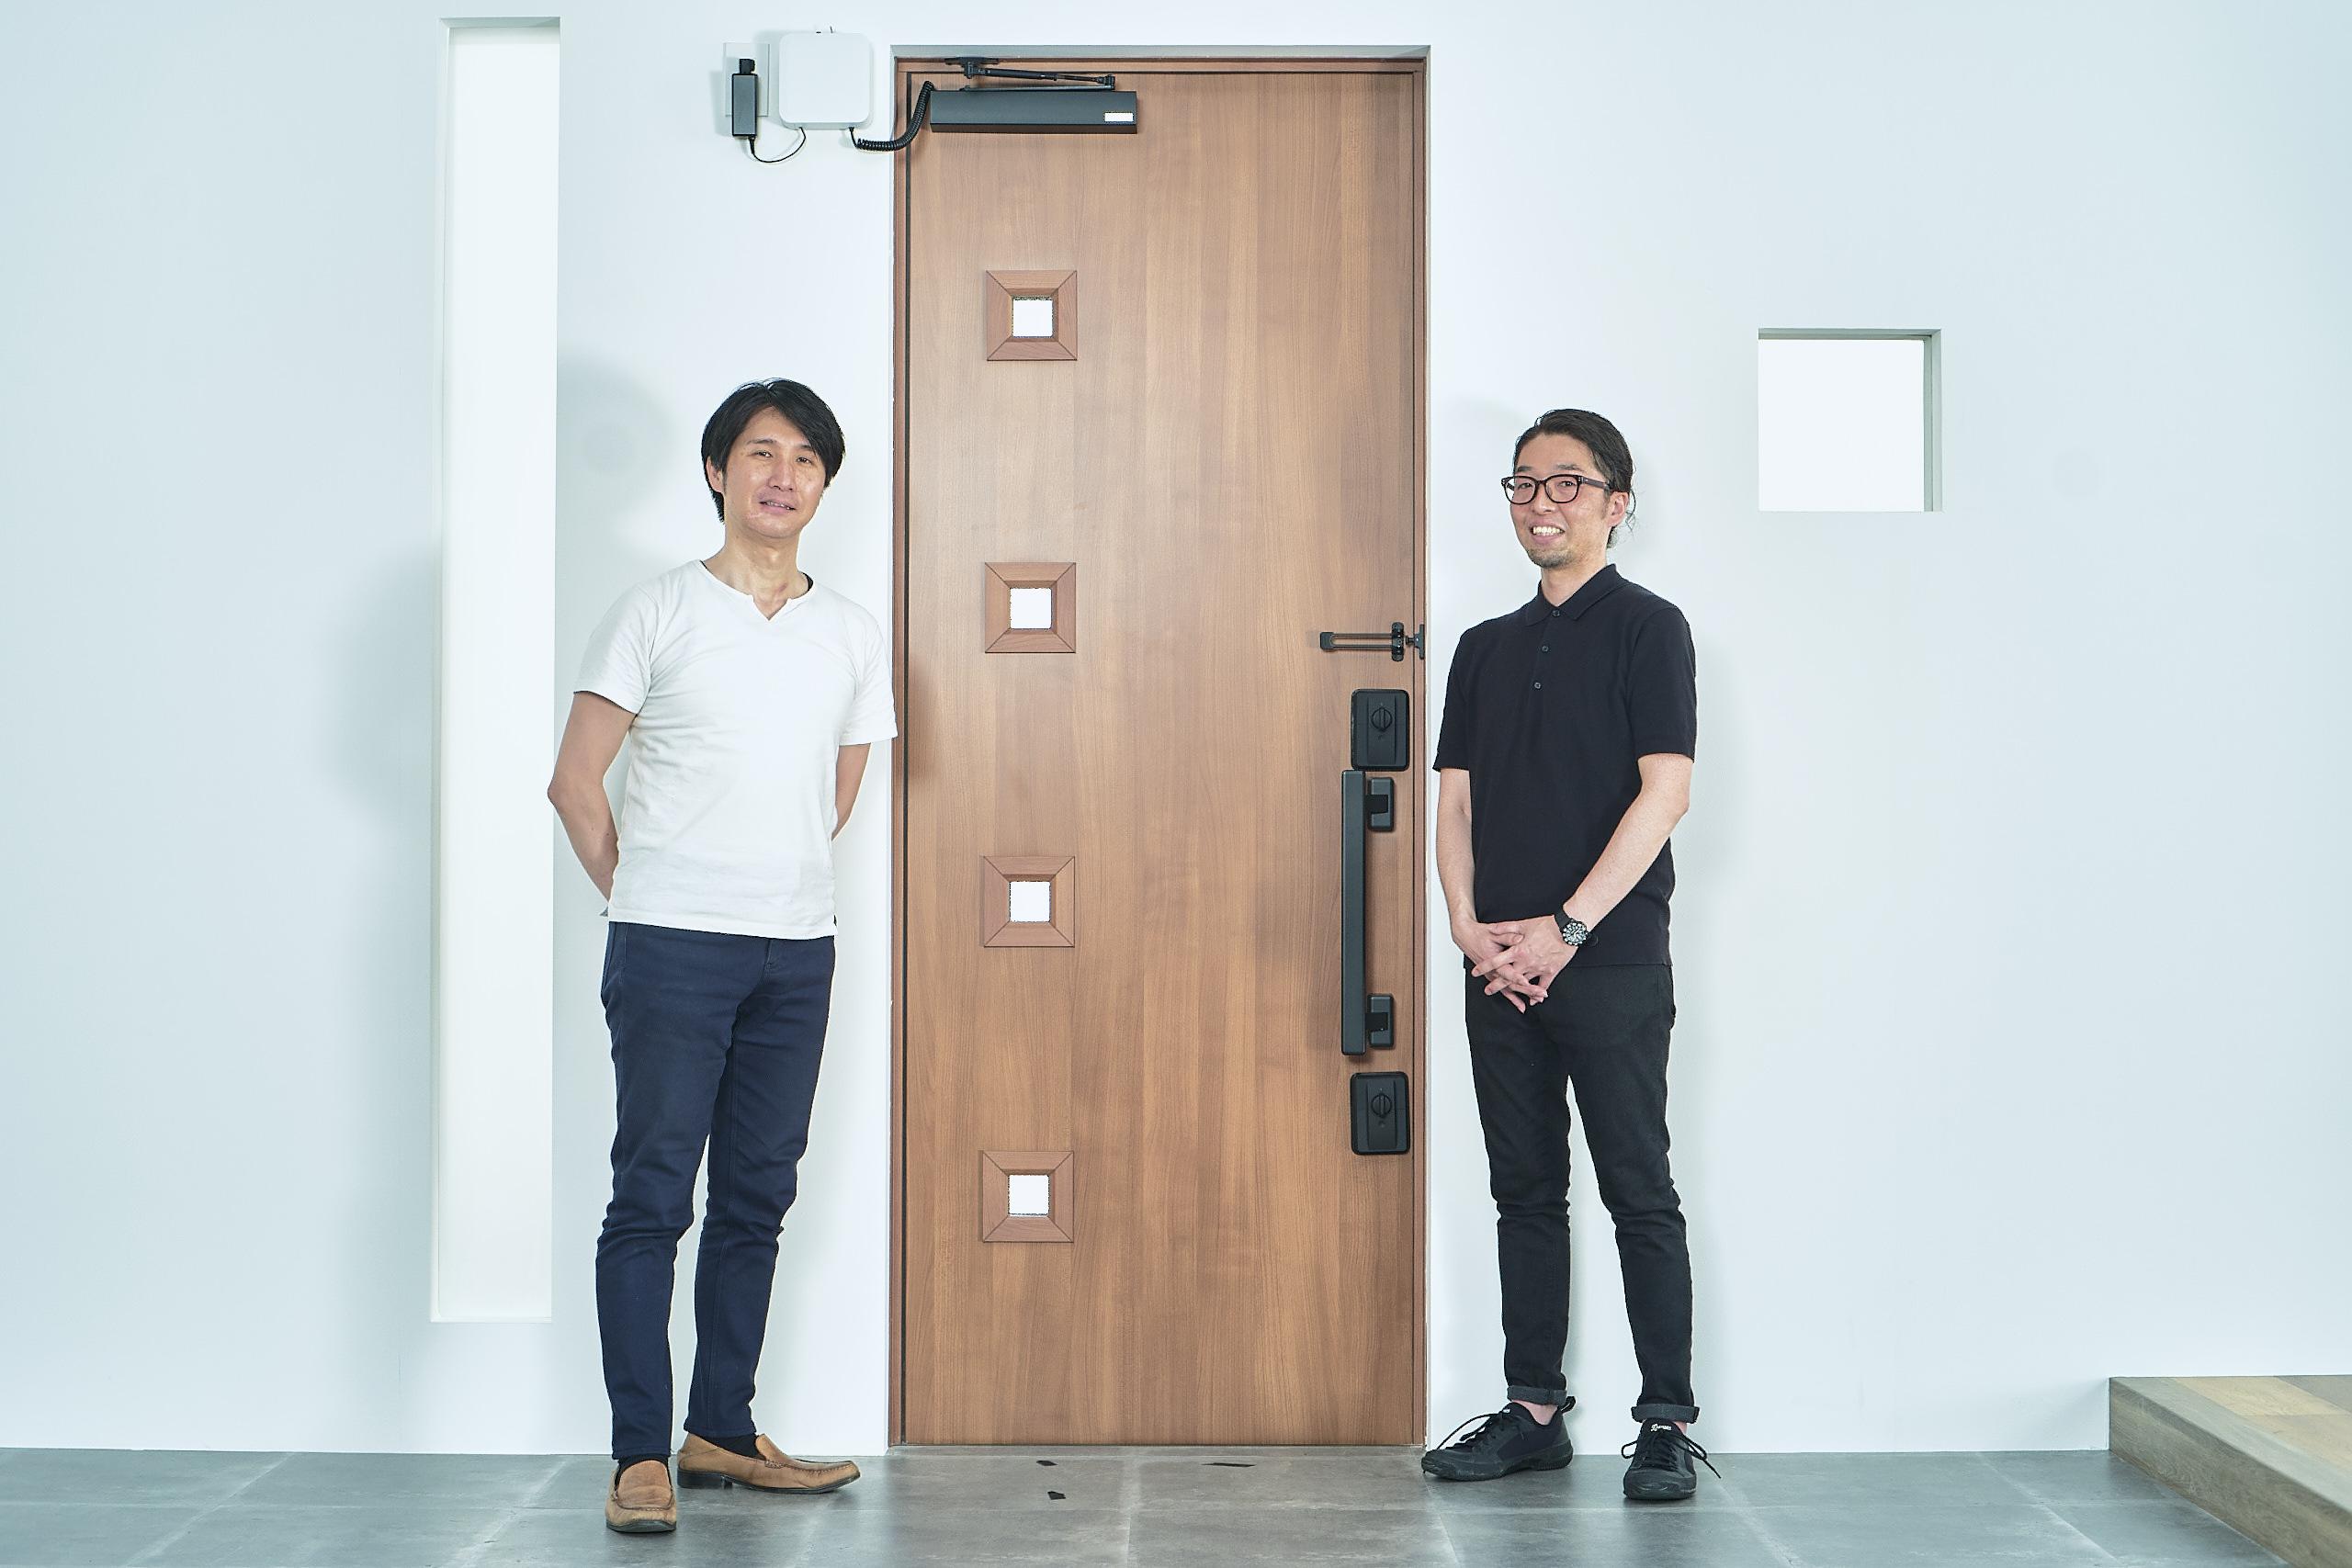 画像左 大澤 知自さん、画像右 今泉 剛さん 株式会社LIXIL